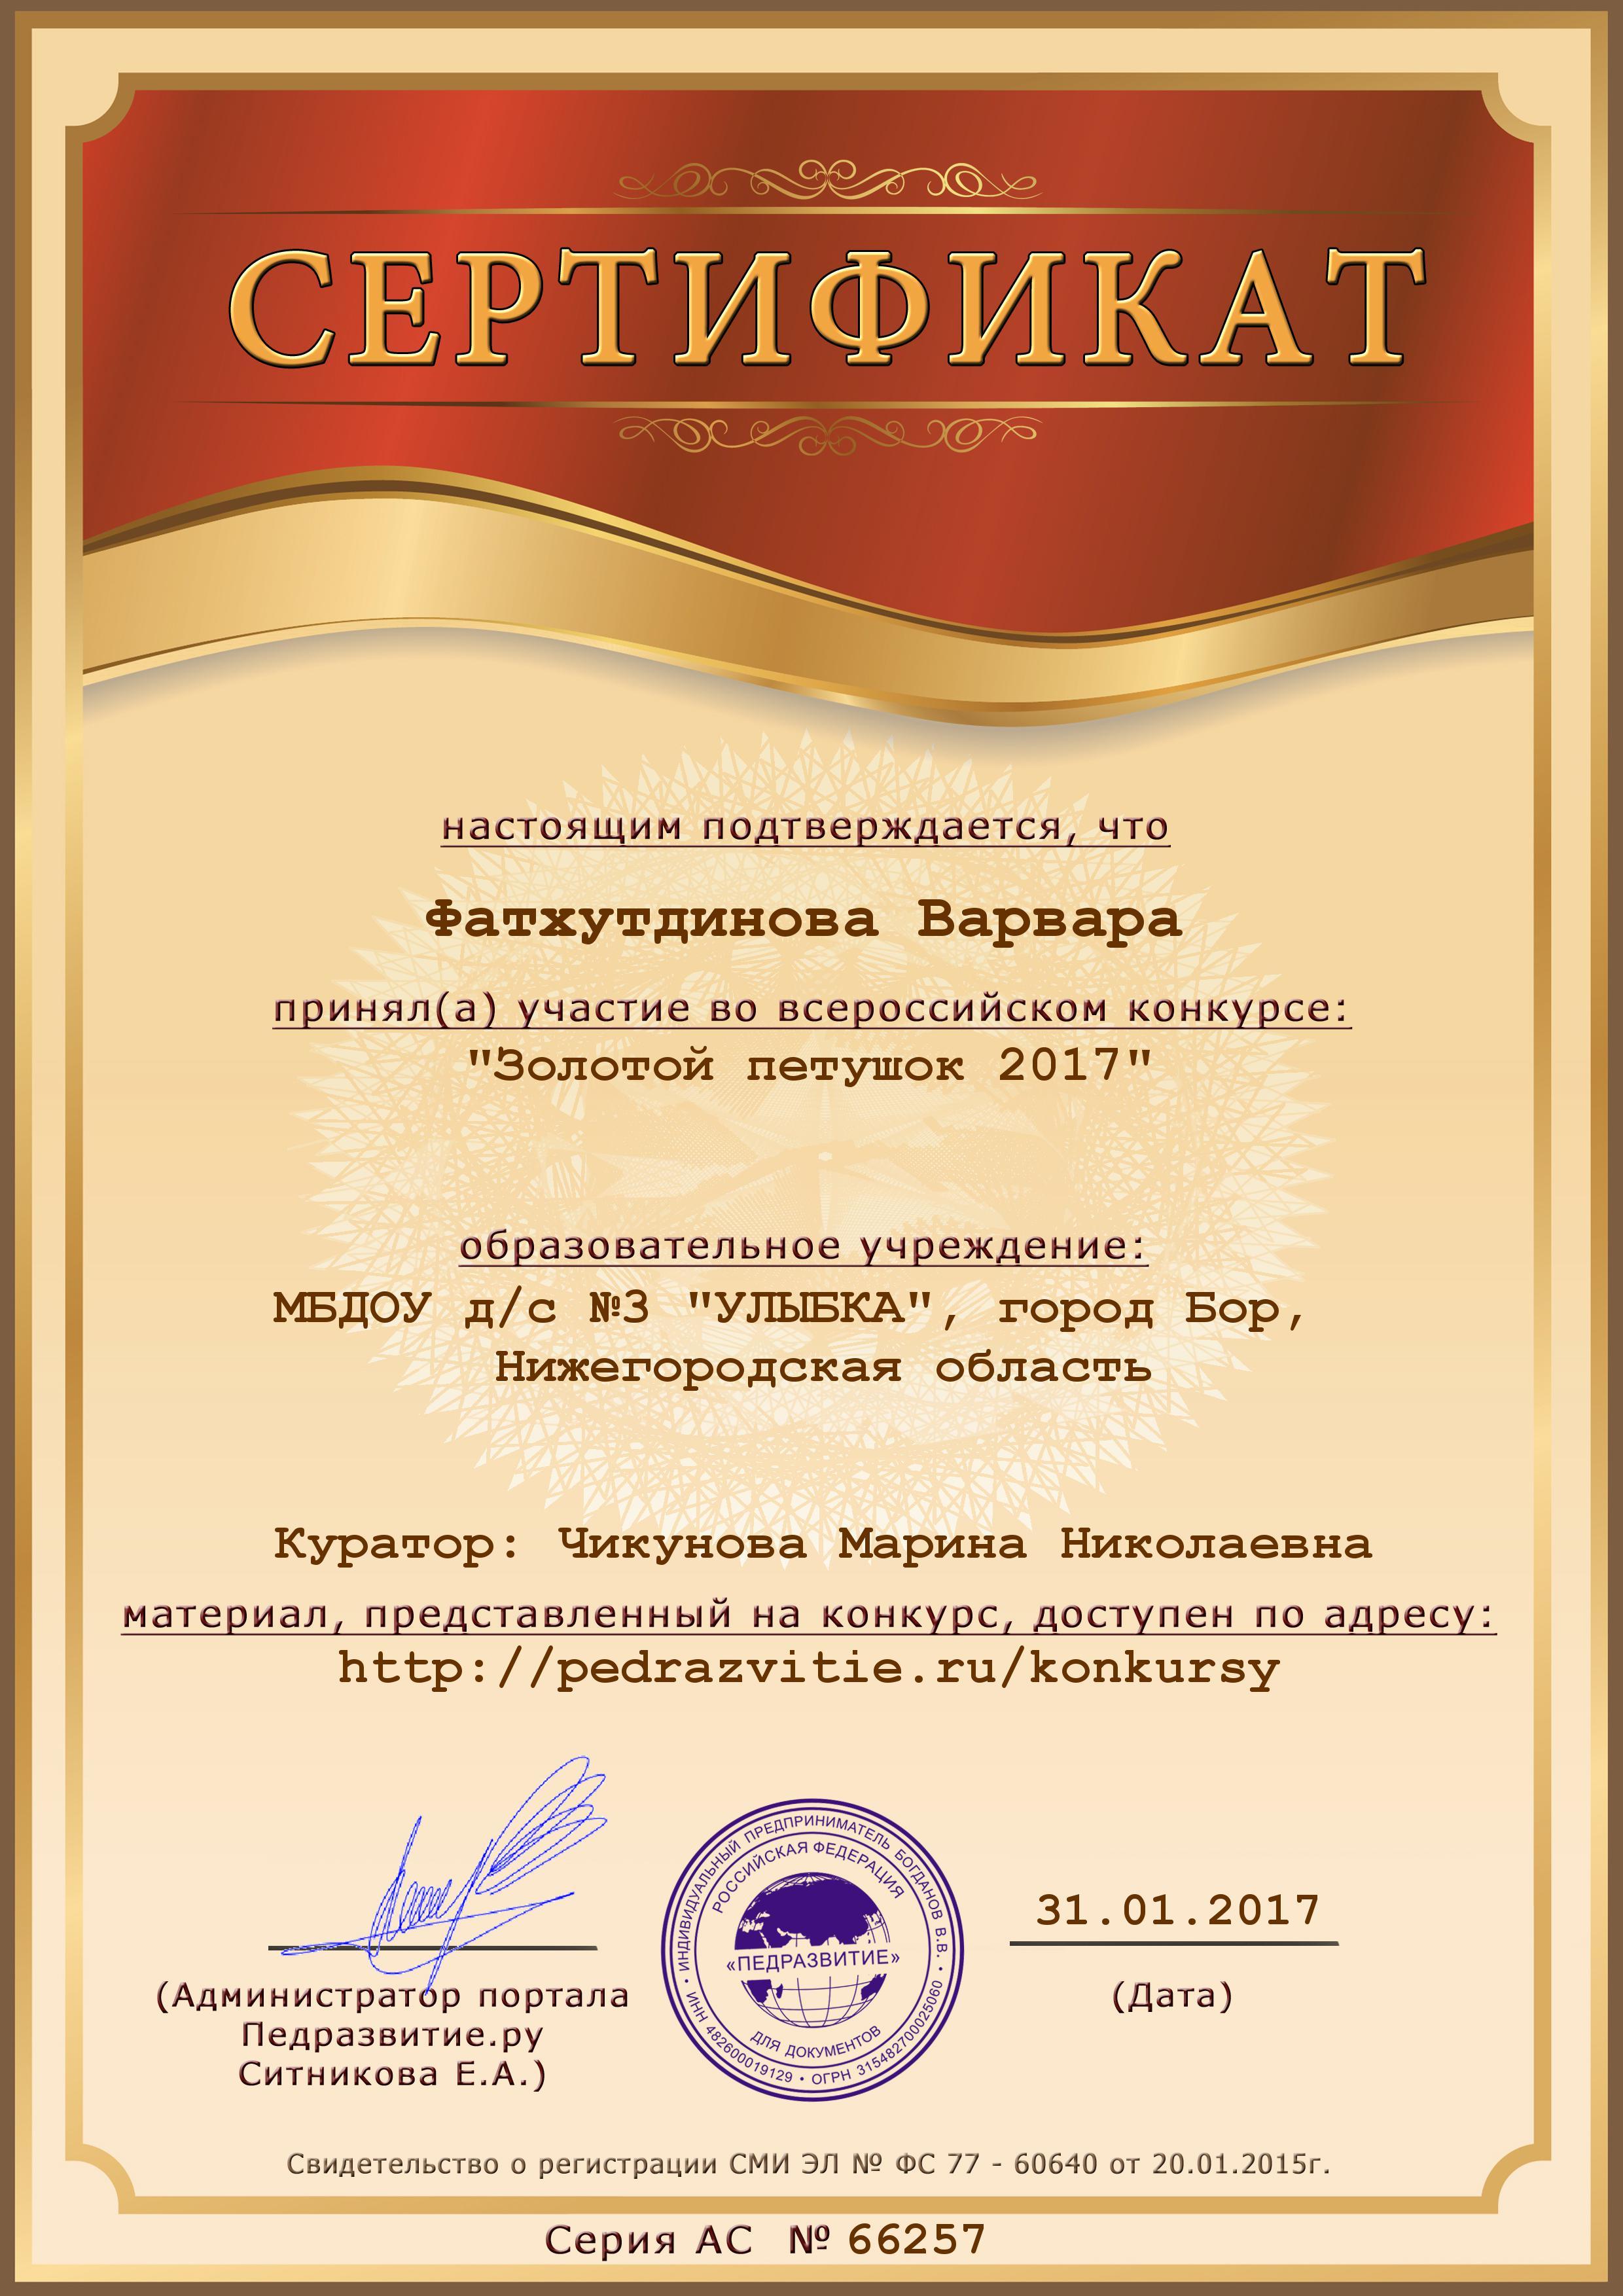 sertifikat-2.jpg